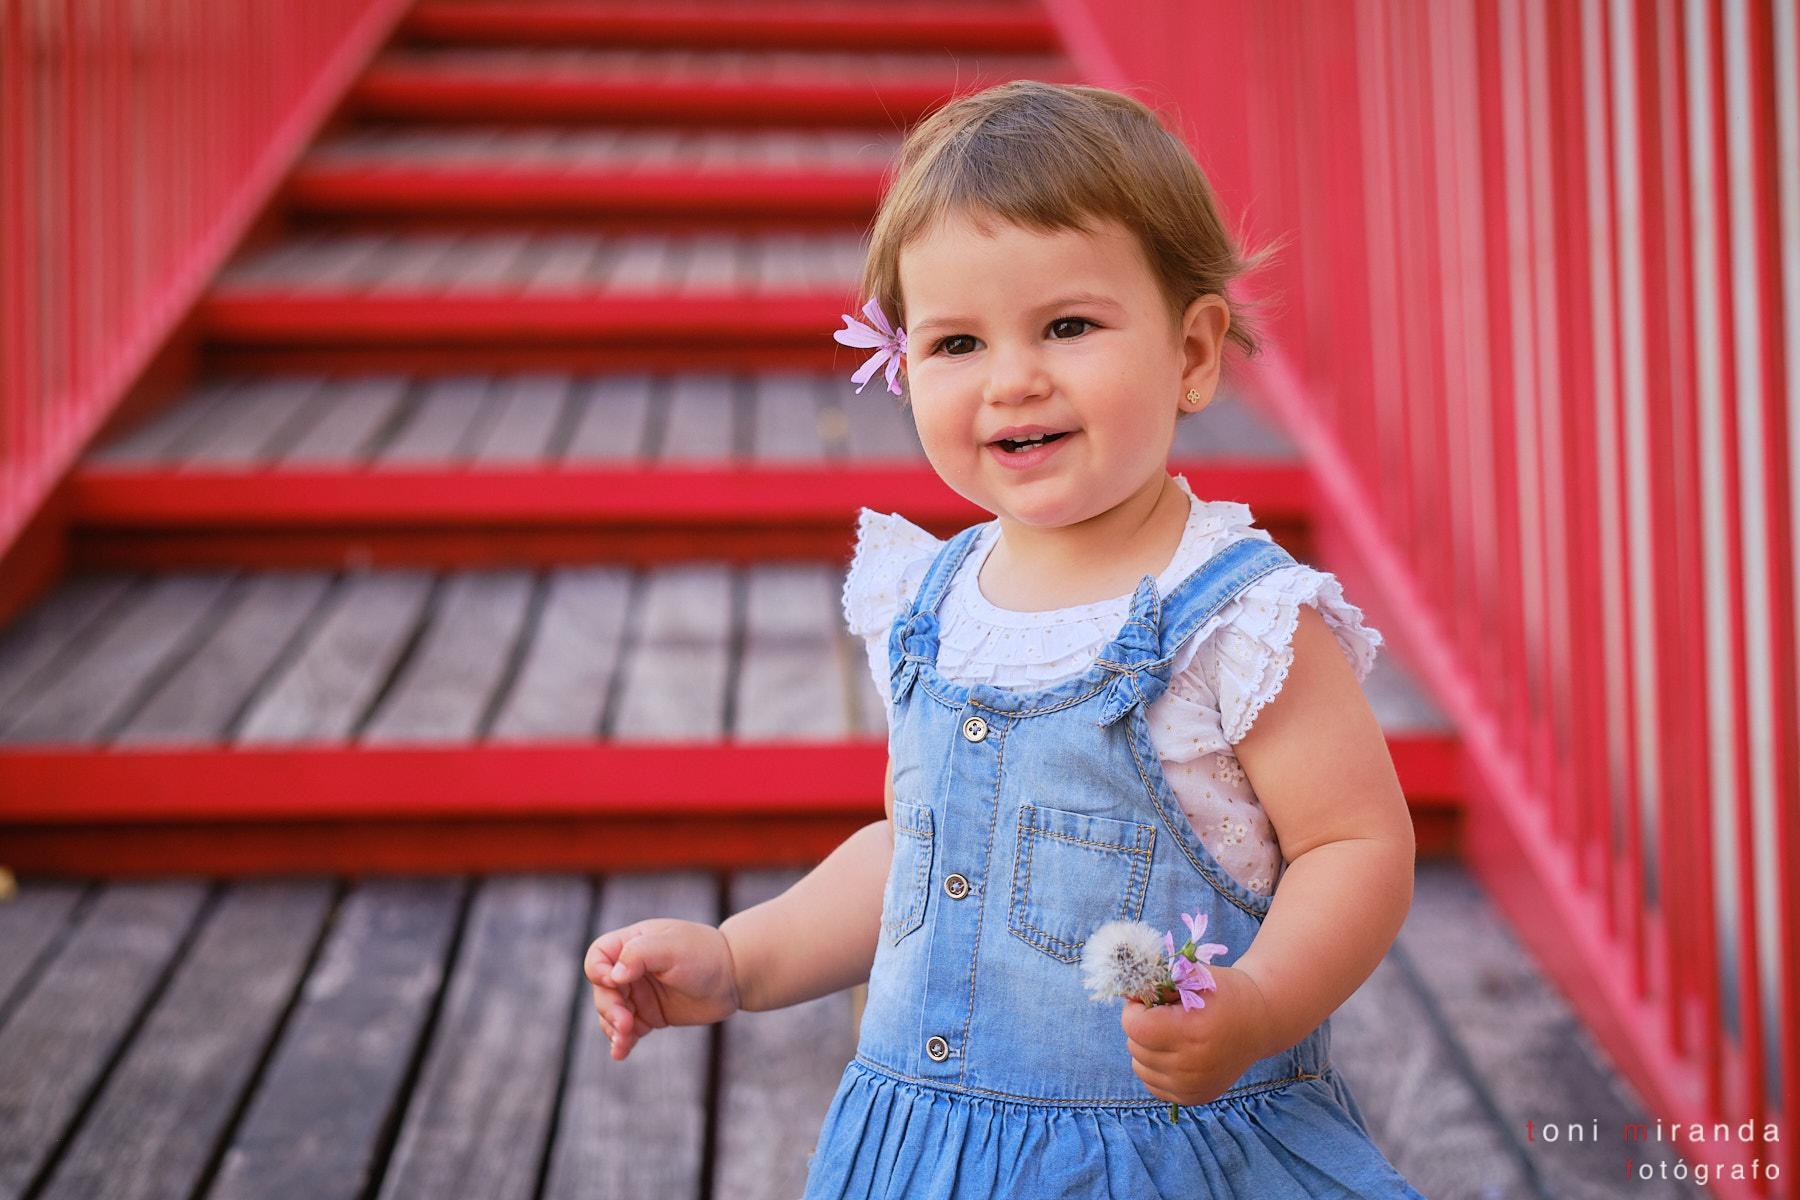 sesion en exteriores de niña caminando